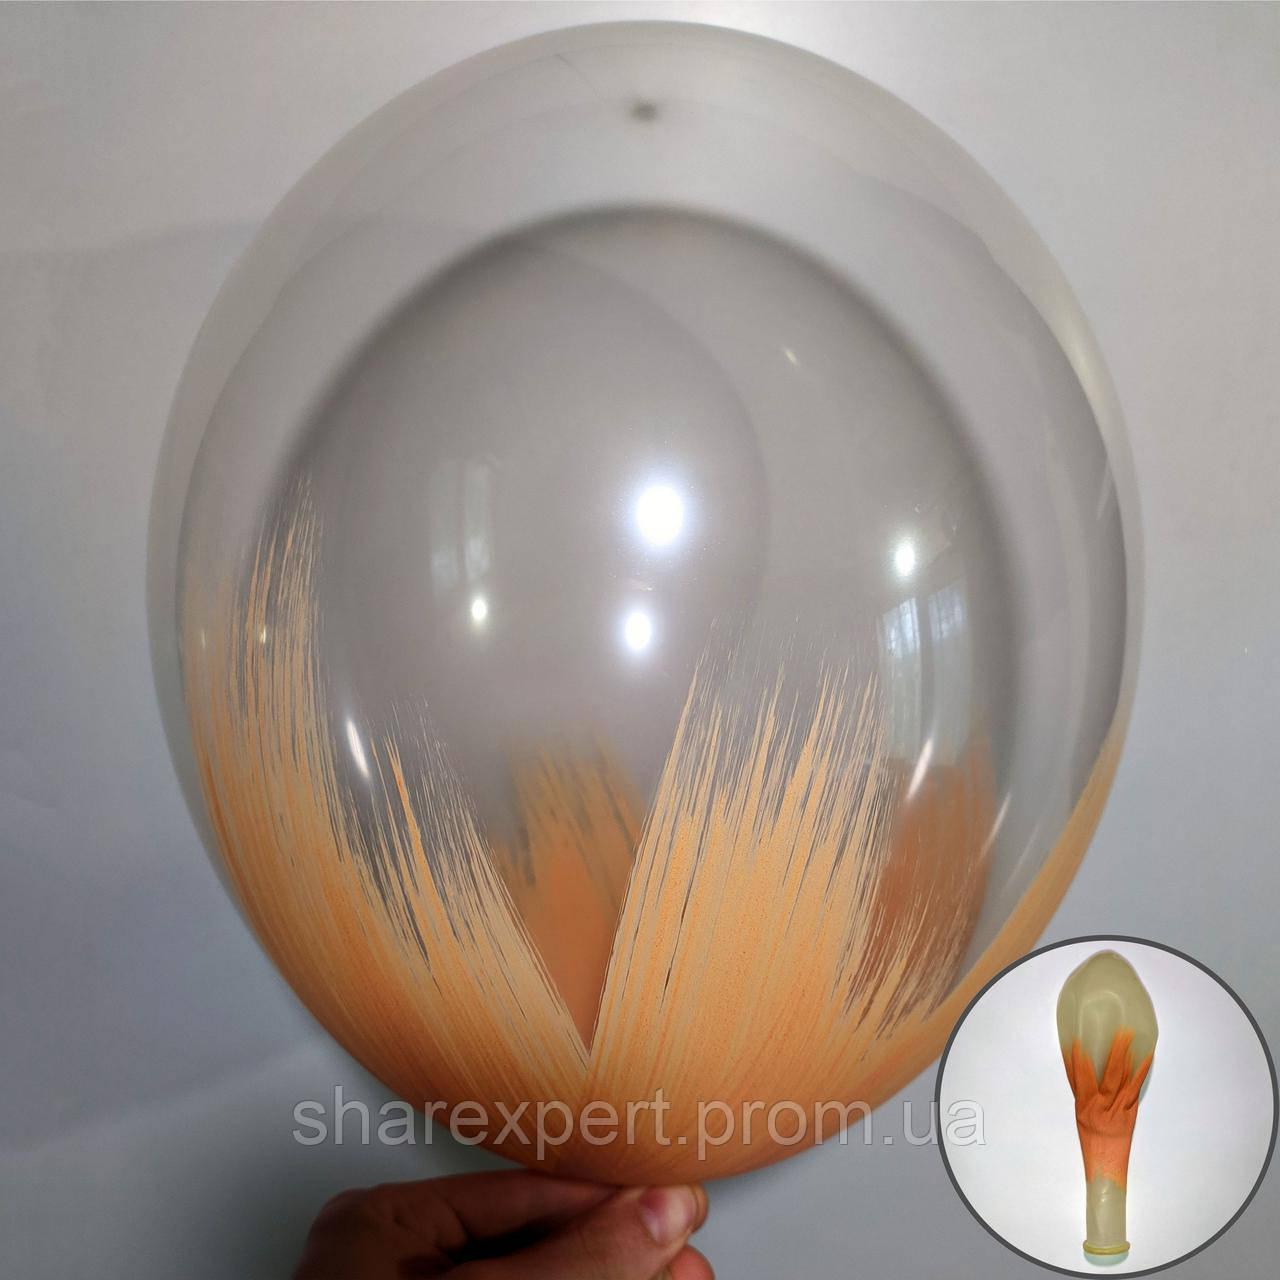 Бежевий на Прозорих латексних кульках